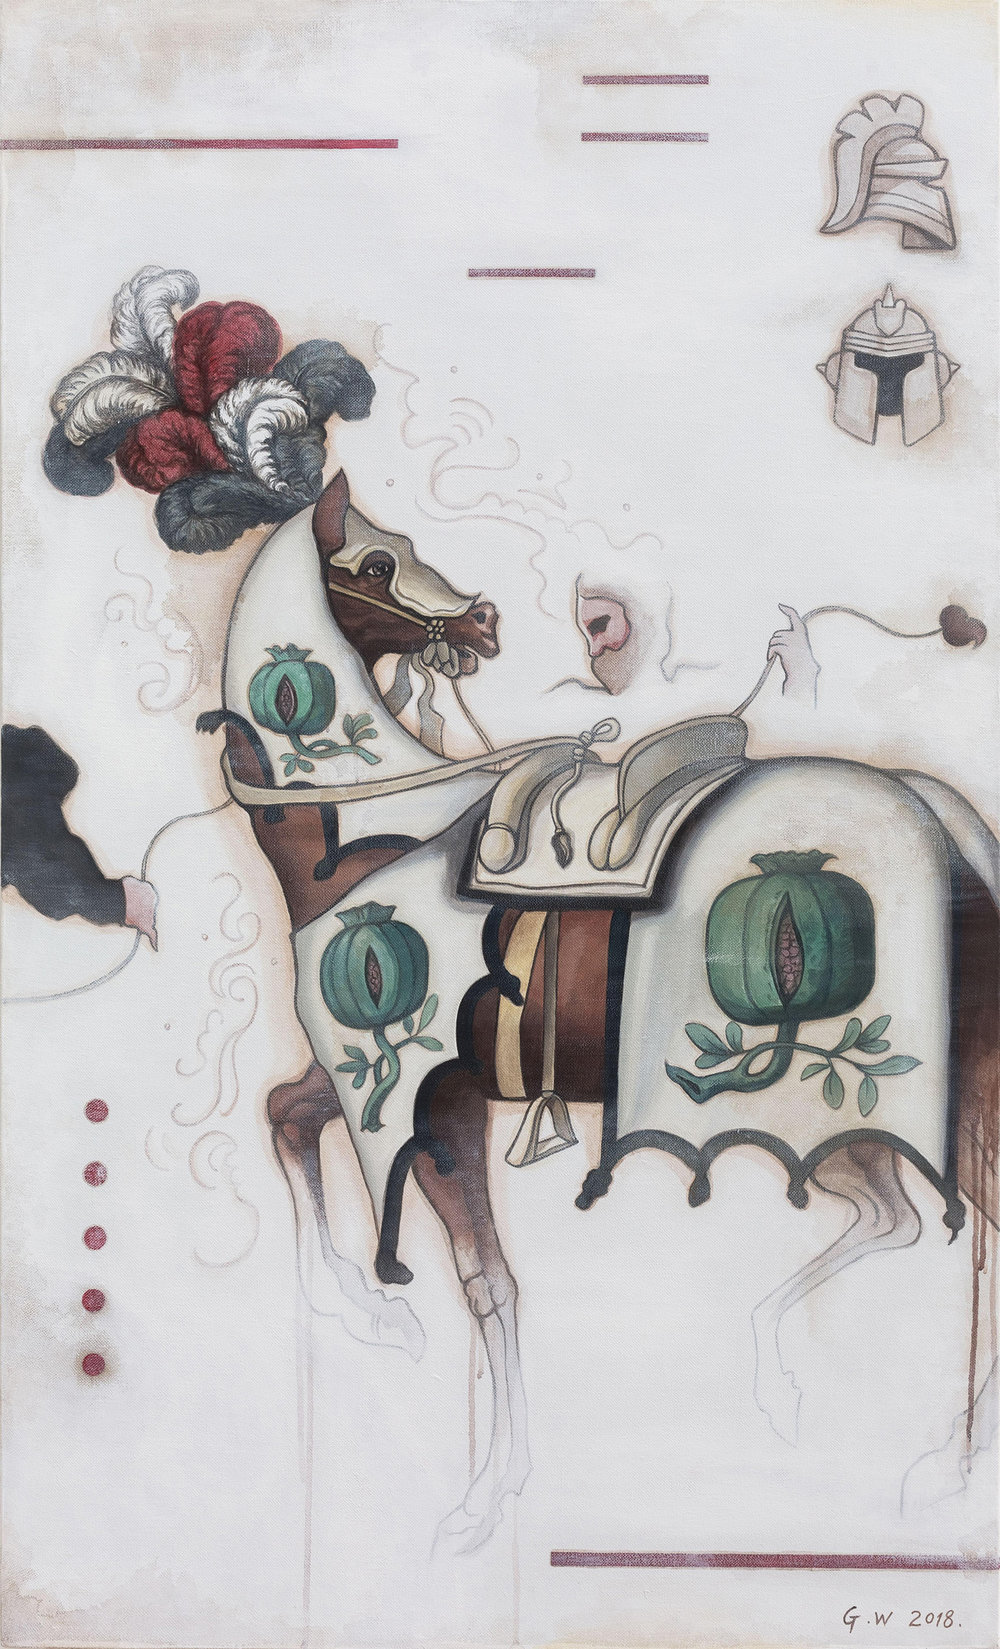 GUAN WEI   Chivalry No. 1  2018 Acrylic on linen 130 x 80 cm